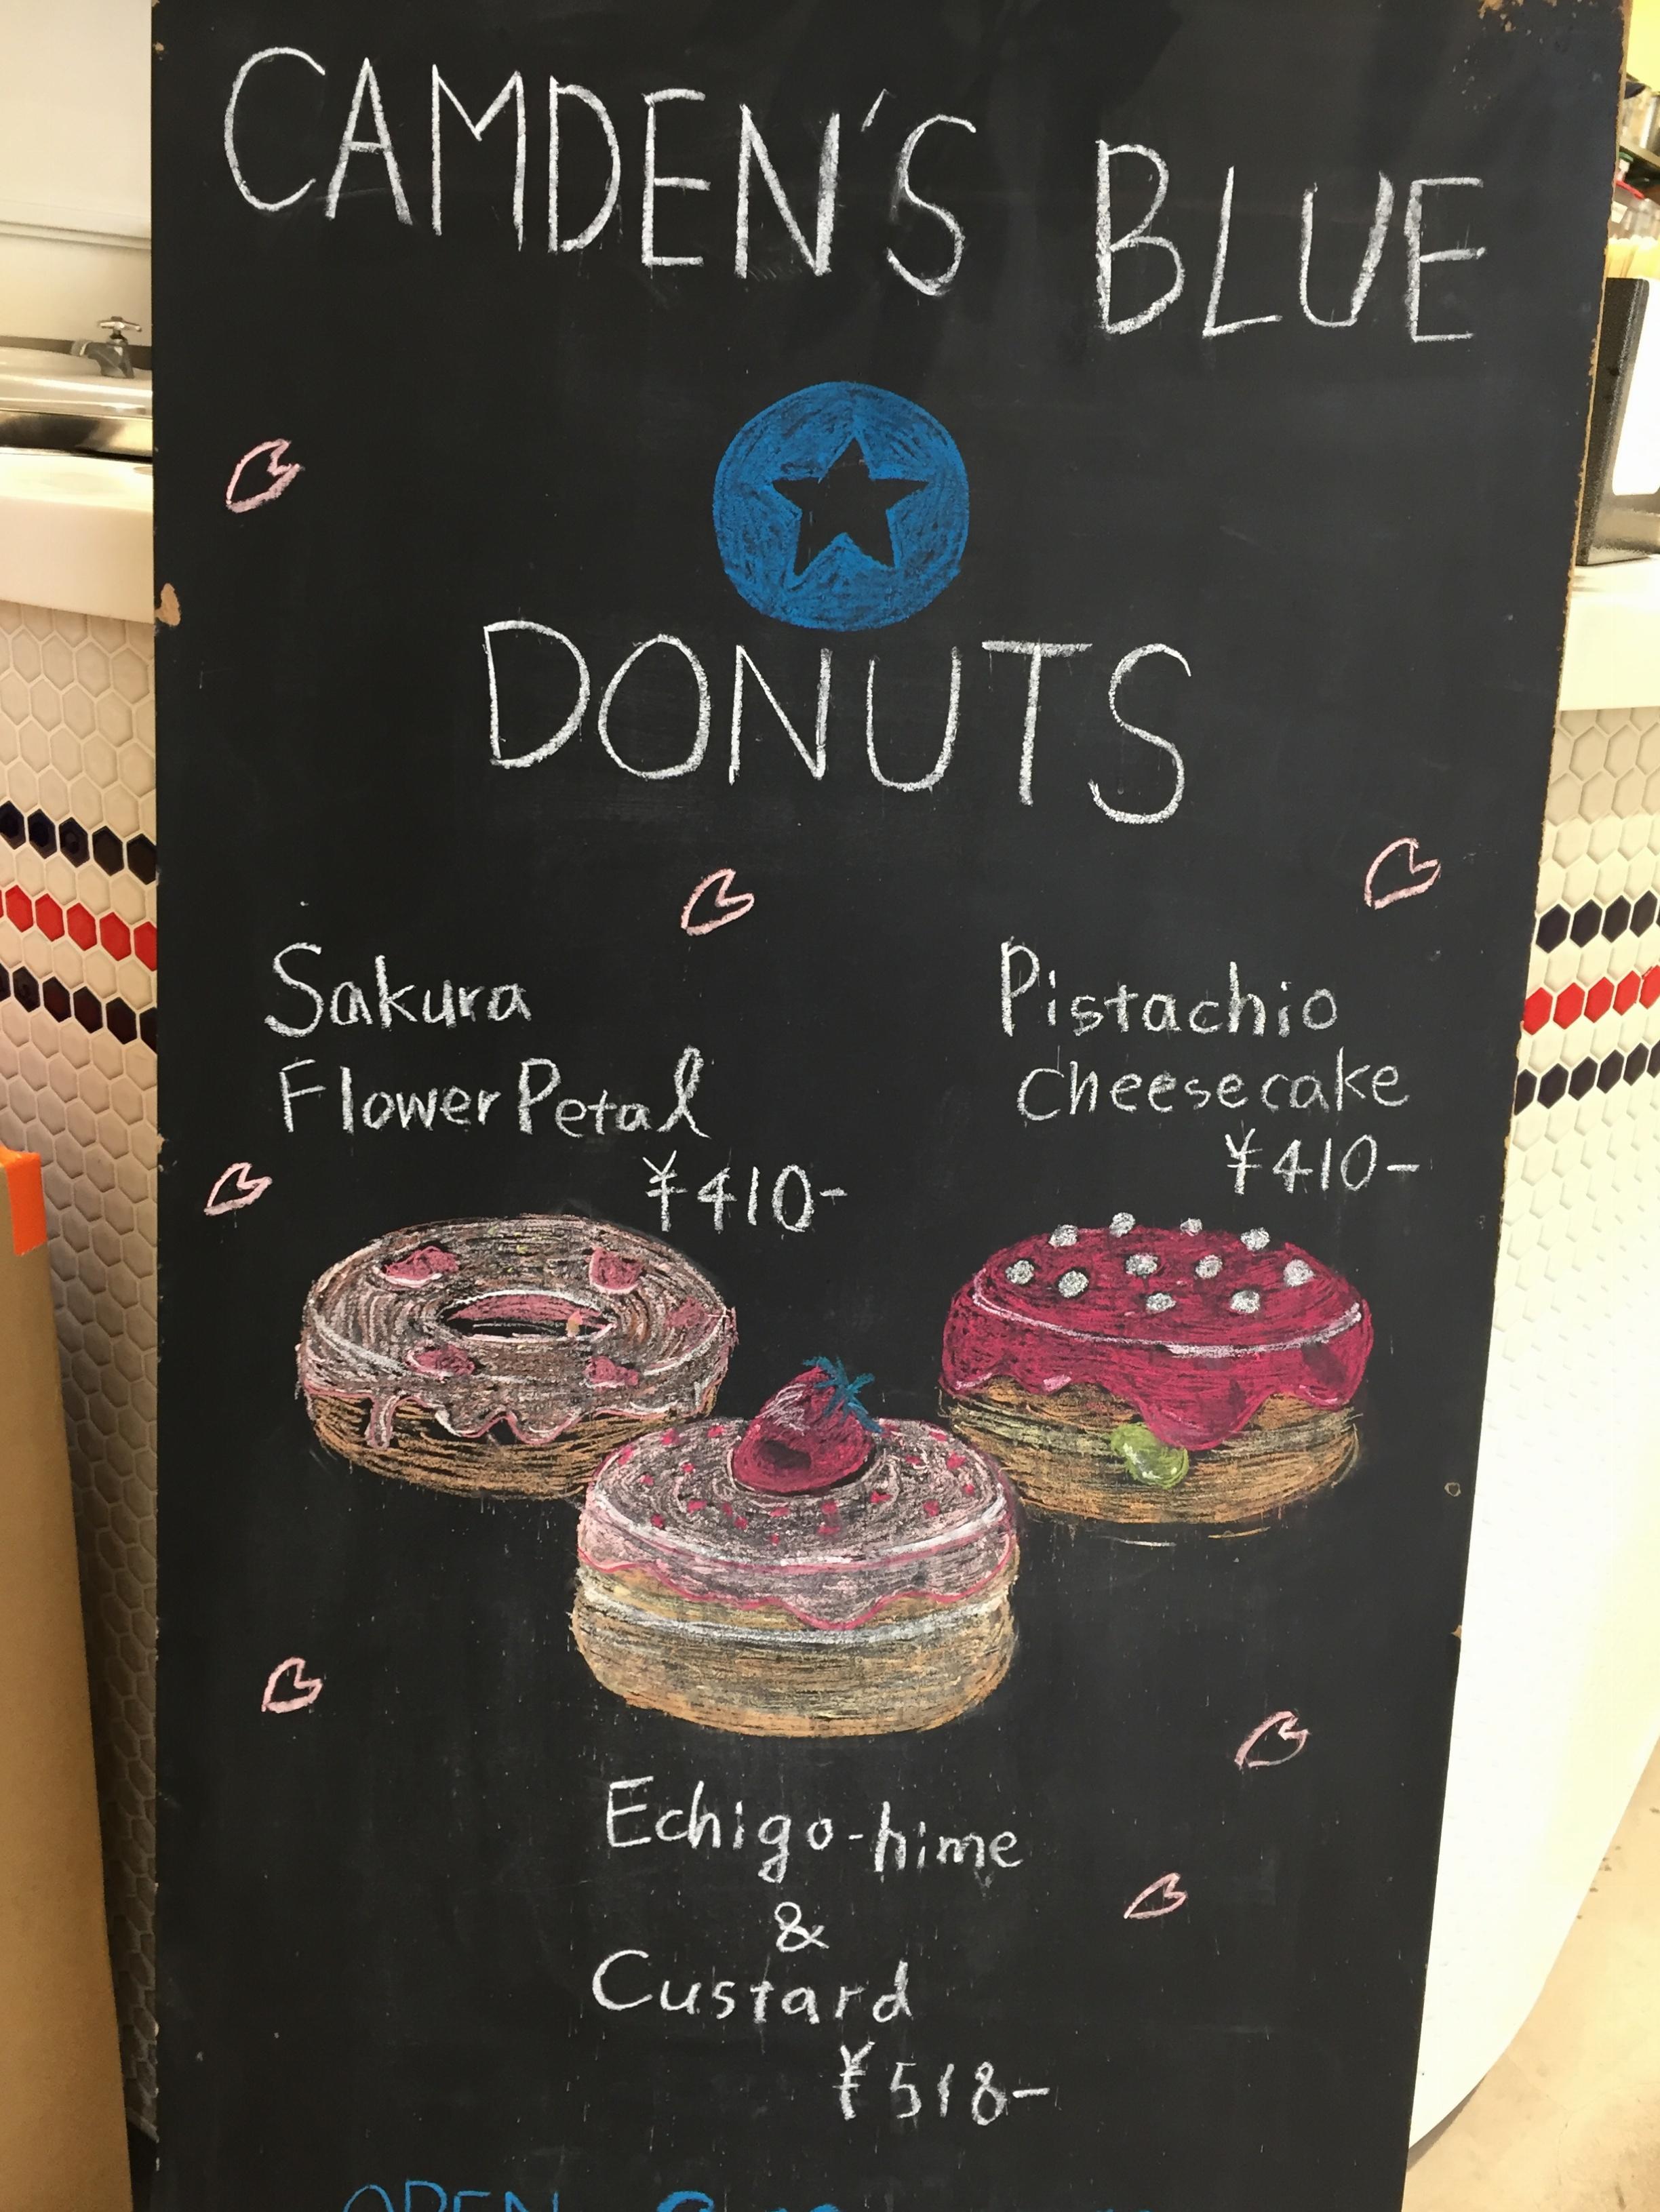 【FOOD】代官山の、あまかわドーナツここにあり♡!CAMDEN'S BLUE STAR DONUTS_4